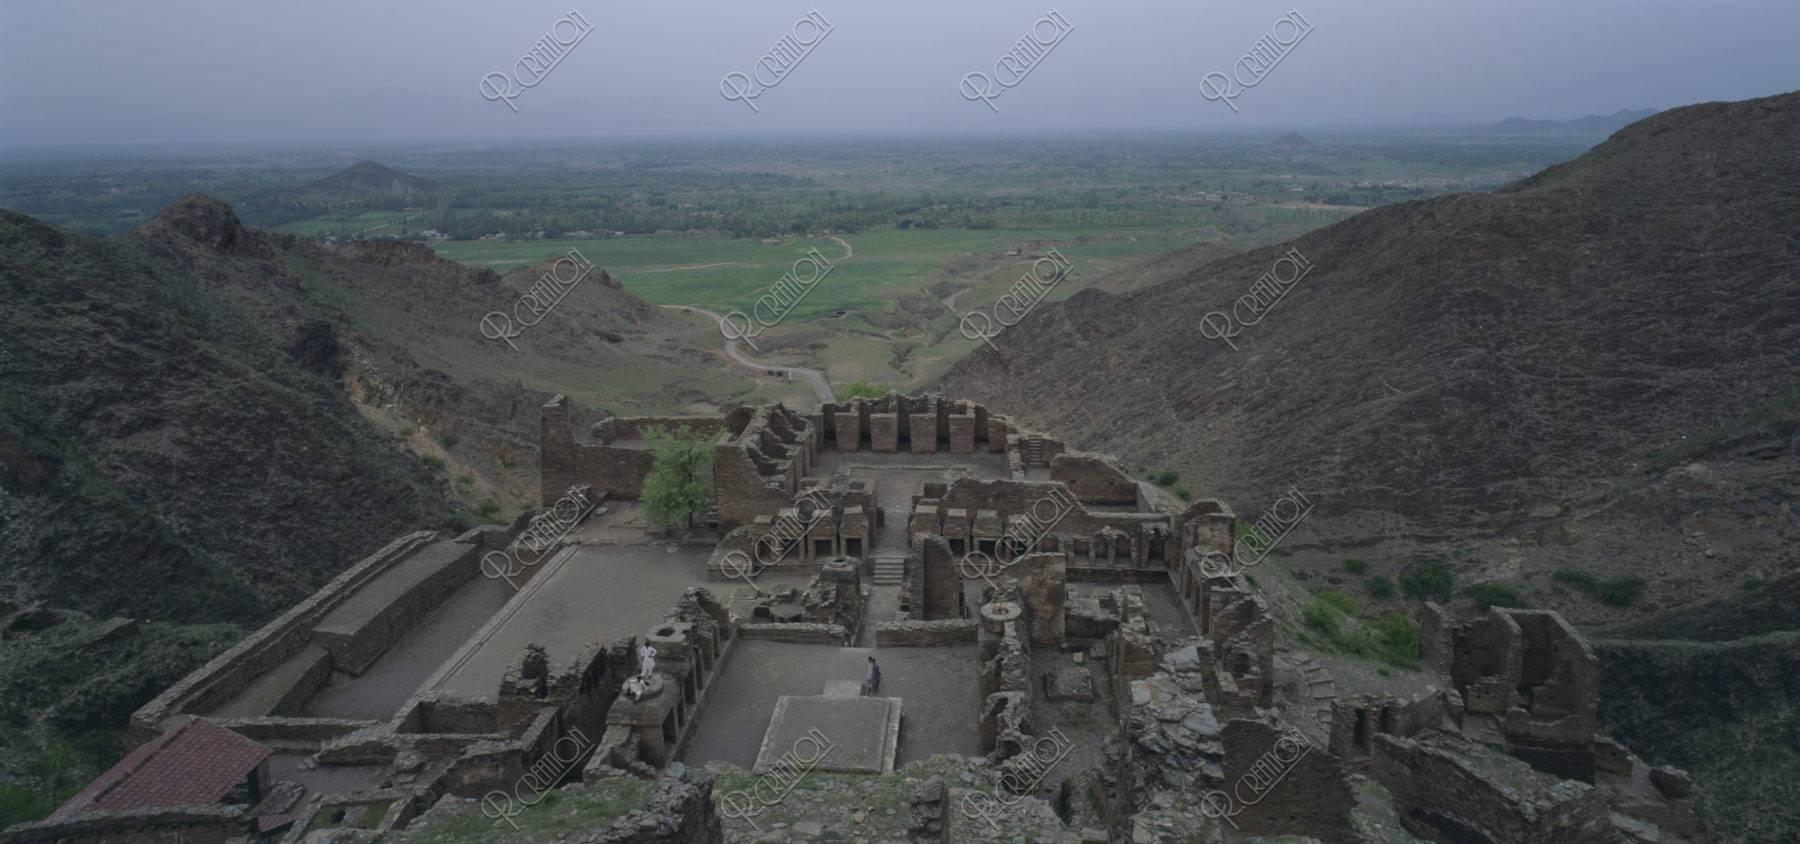 タフティバイ仏教遺跡 パキスタン